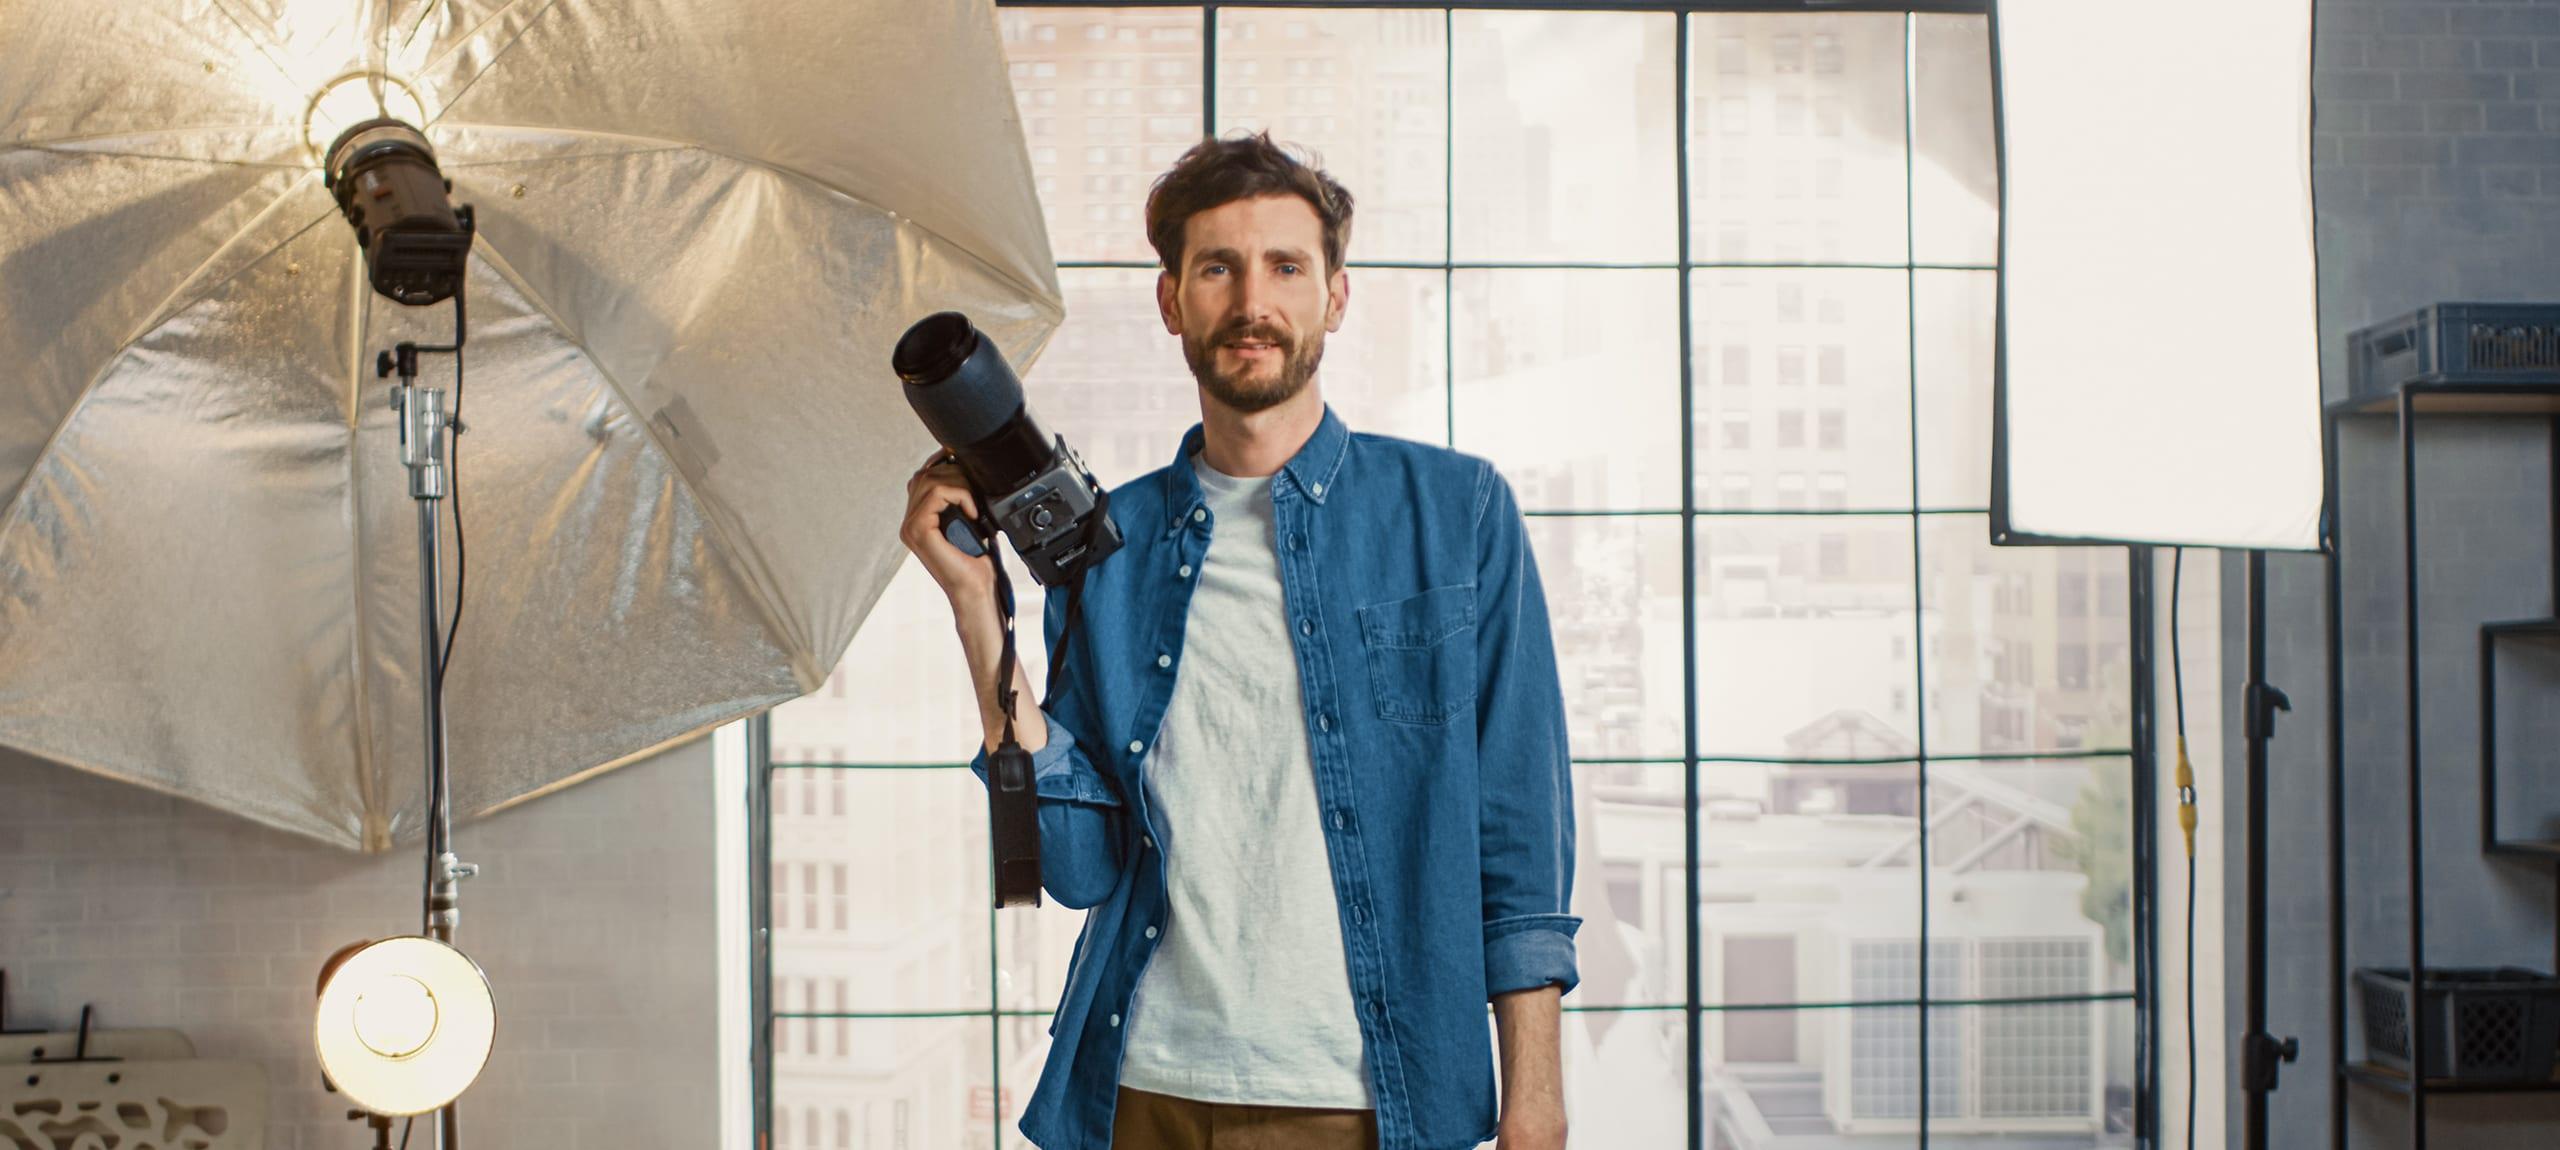 Postproduzione fotografica: la gestione del cliente